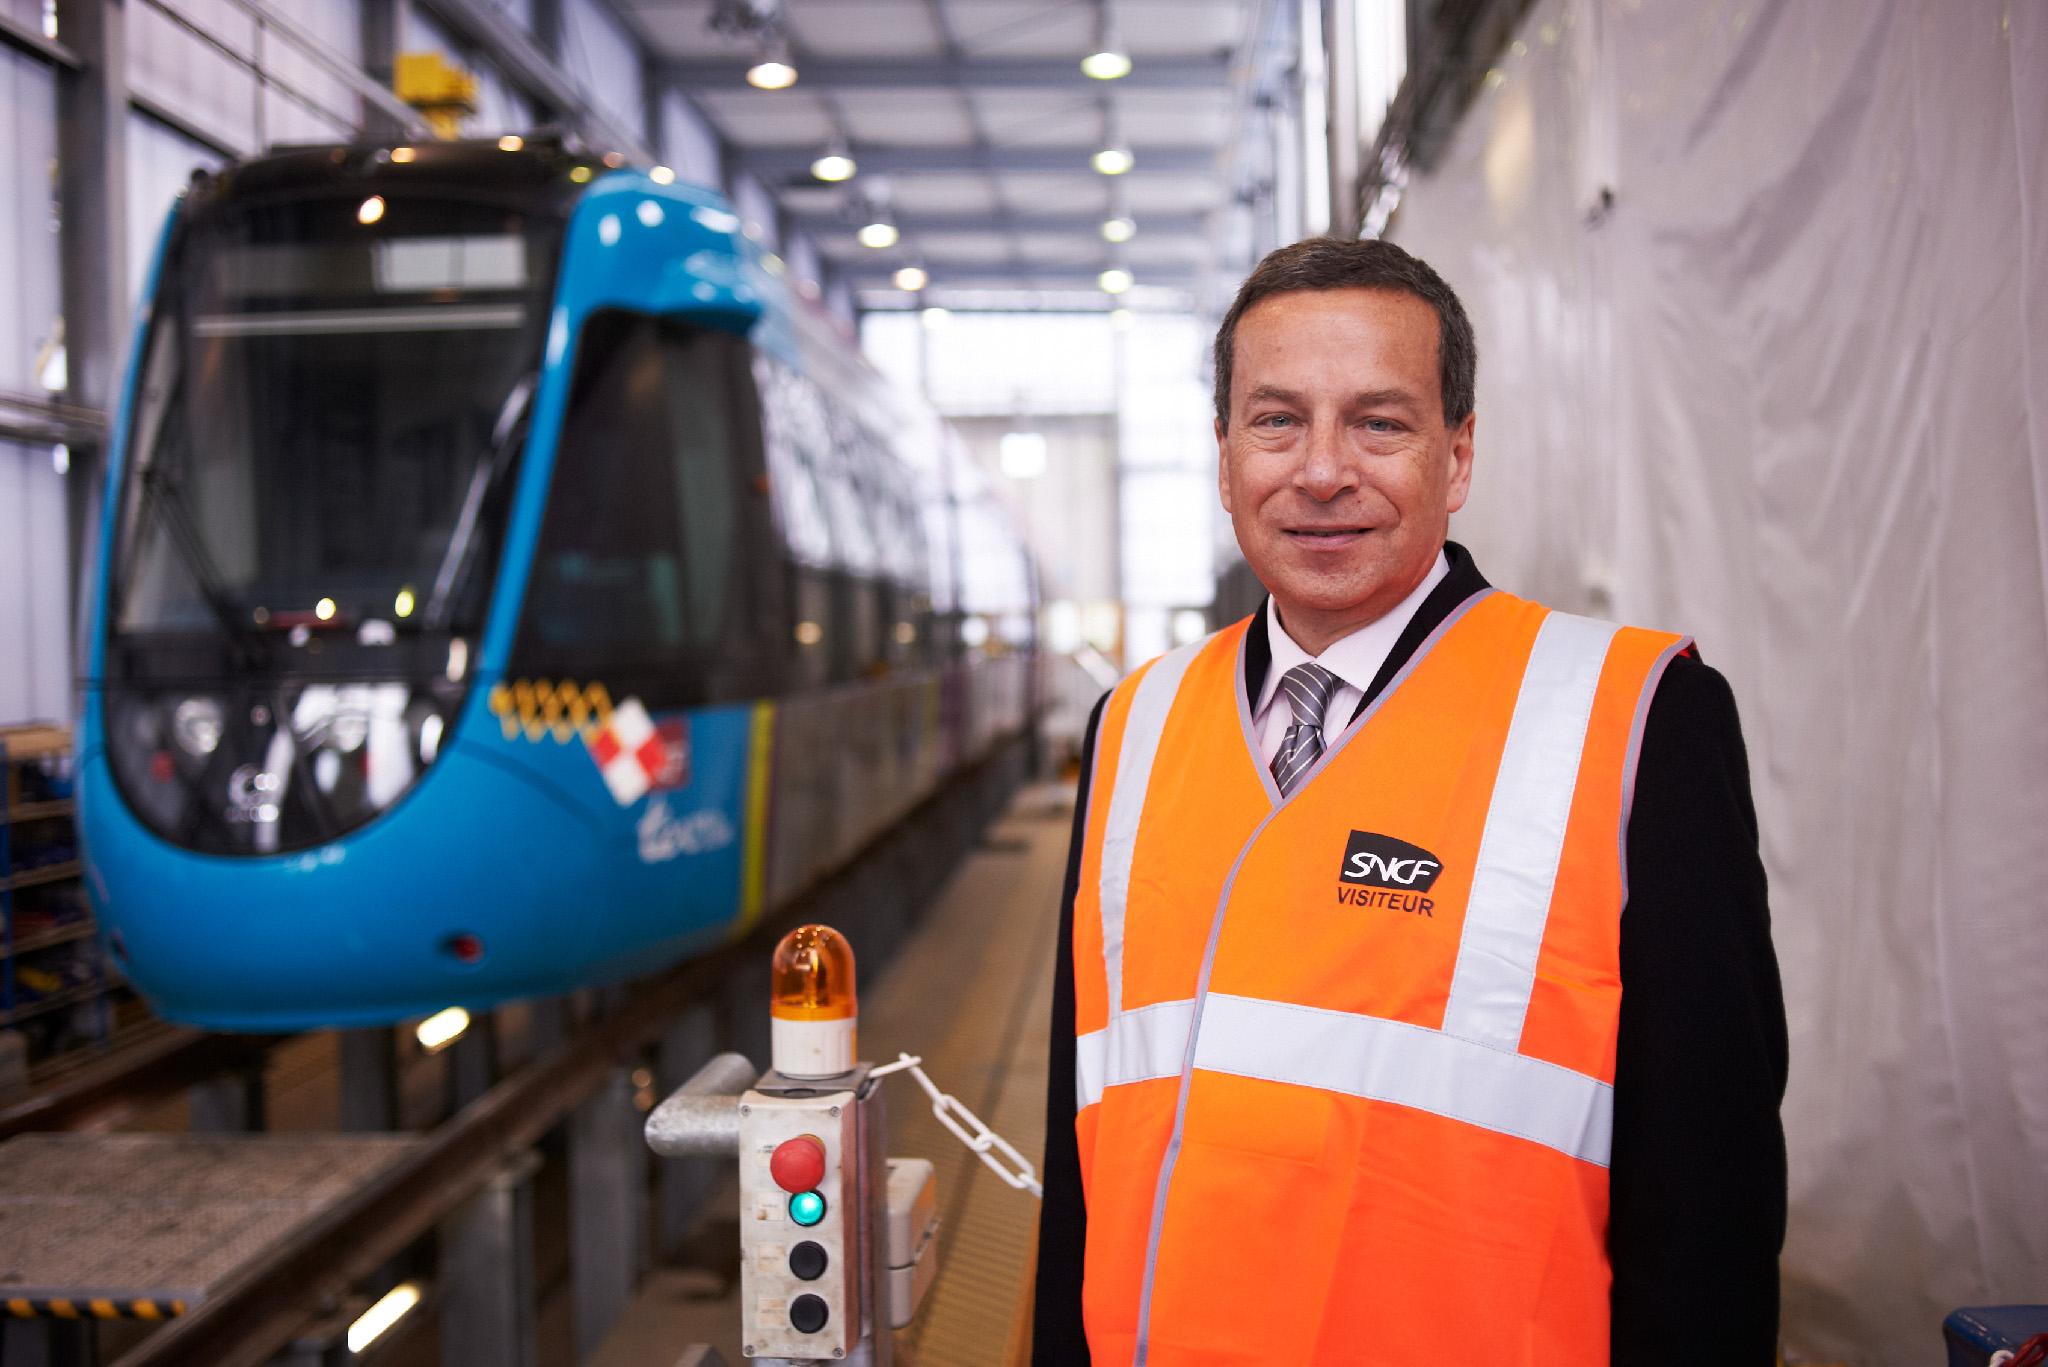 Visite Ateliers de Doulon (Jacques RAPOPORT et Claude SOLARD) - Inauguration Tram-Train  Nantes - Chateaubriant - 28 février 2014